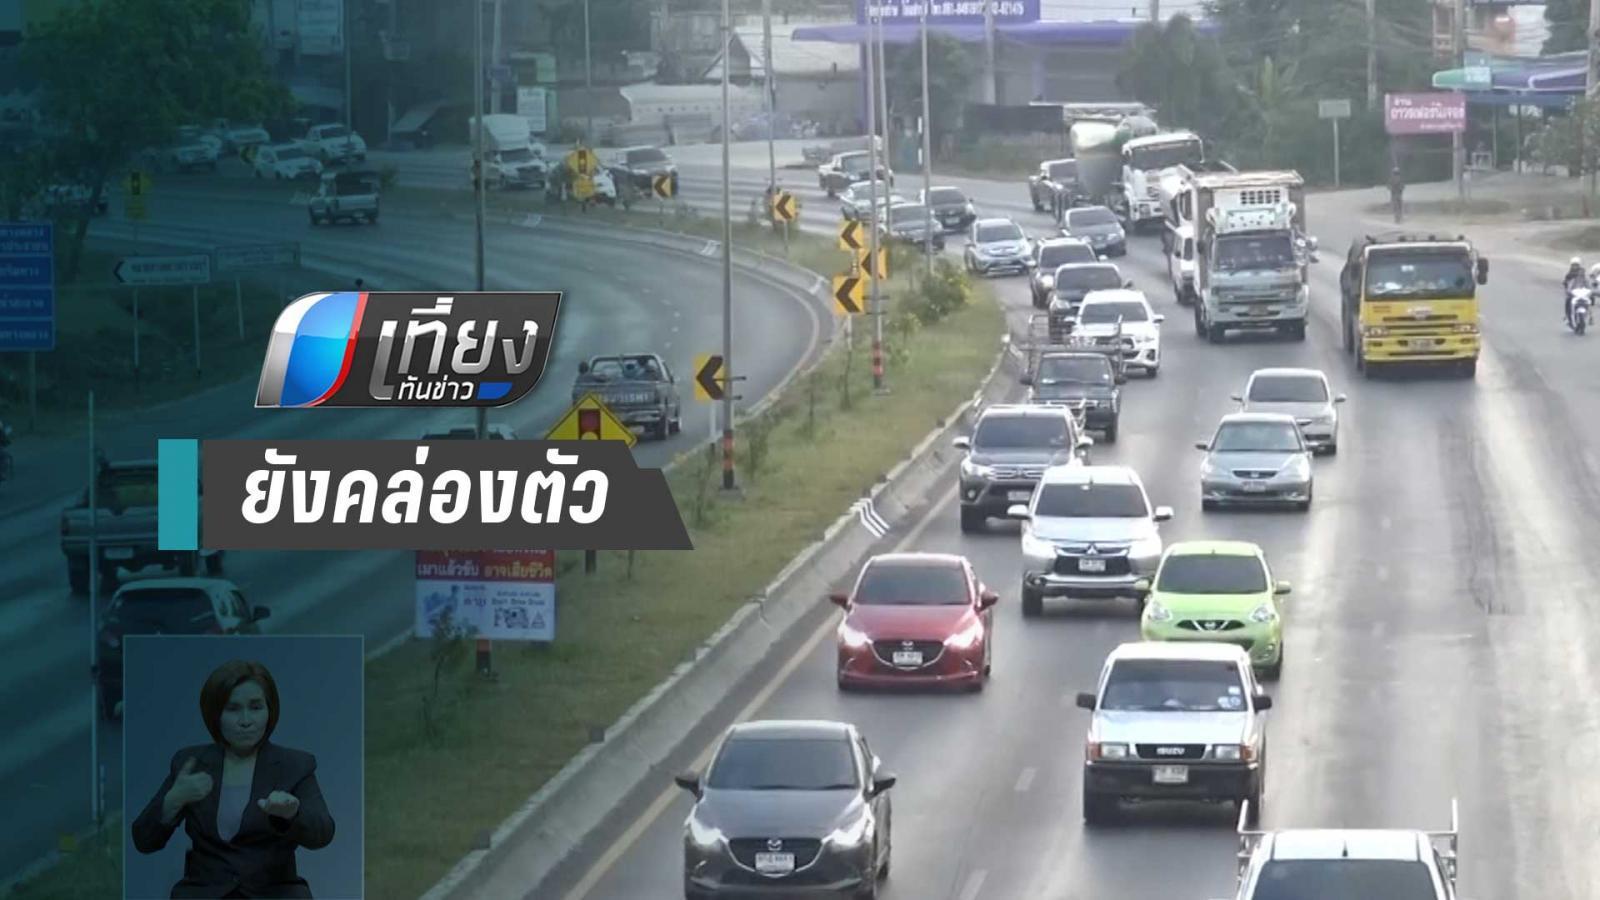 เส้นทางลงใต้ รถเริ่มหนาแน่น แต่ยังคล่องตัว – ก.คมนาคม สั่งดูแลความปลอดภัยขนส่งทั่วประเทศ